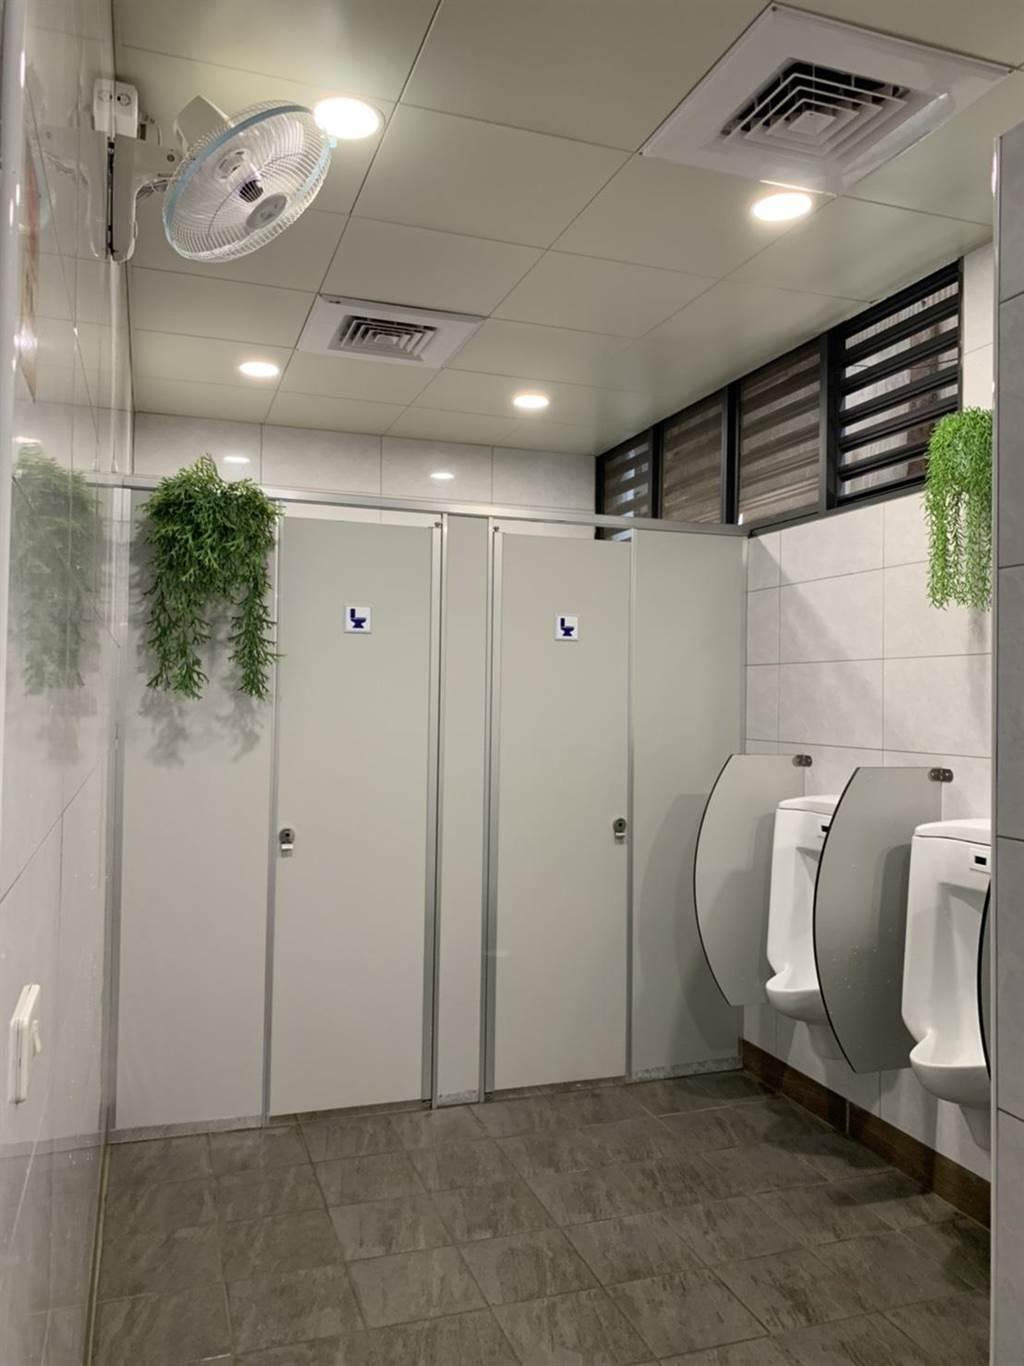 台中市豐原市場公廁整修後,乾淨美觀又實用,美化菜市場公廁,民眾按讚。(盧金足攝)